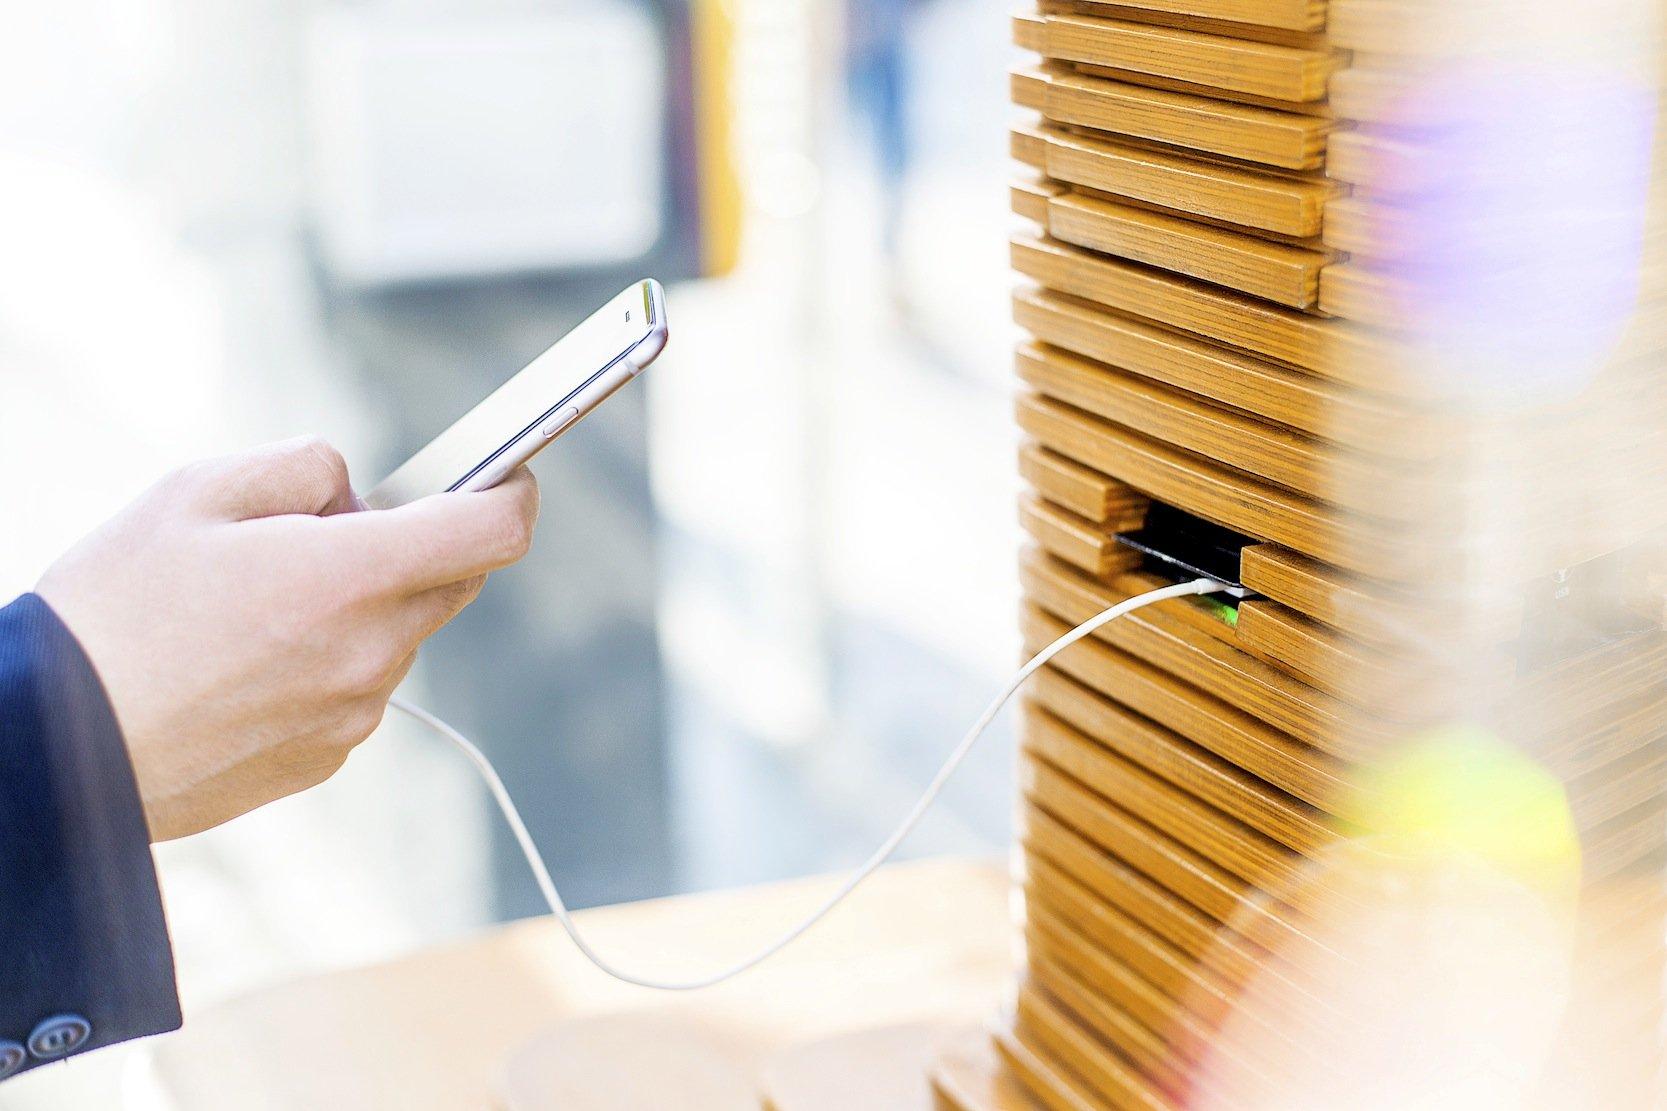 Die Design-Haltestelle am Taksim-Platz hat USB-Steckplätze zum Aufladen von Smartphones und Tablets.